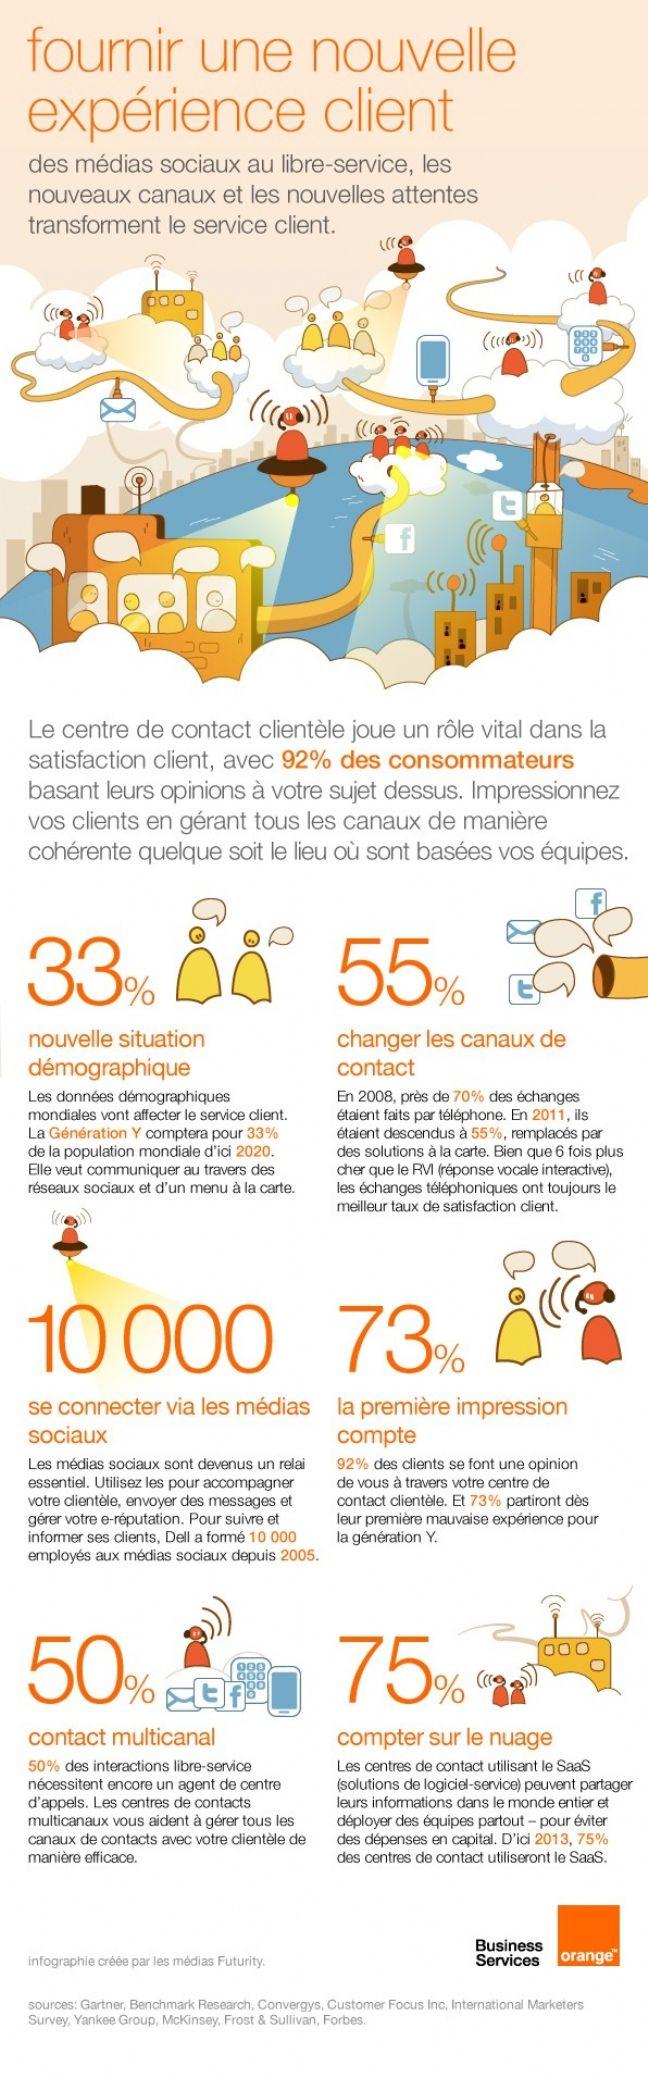 La nouvelle ère de la relation client selon Orange Business Services, c'est ce que nous raconte cette bien jolie infographie chez relationclientmag.fr